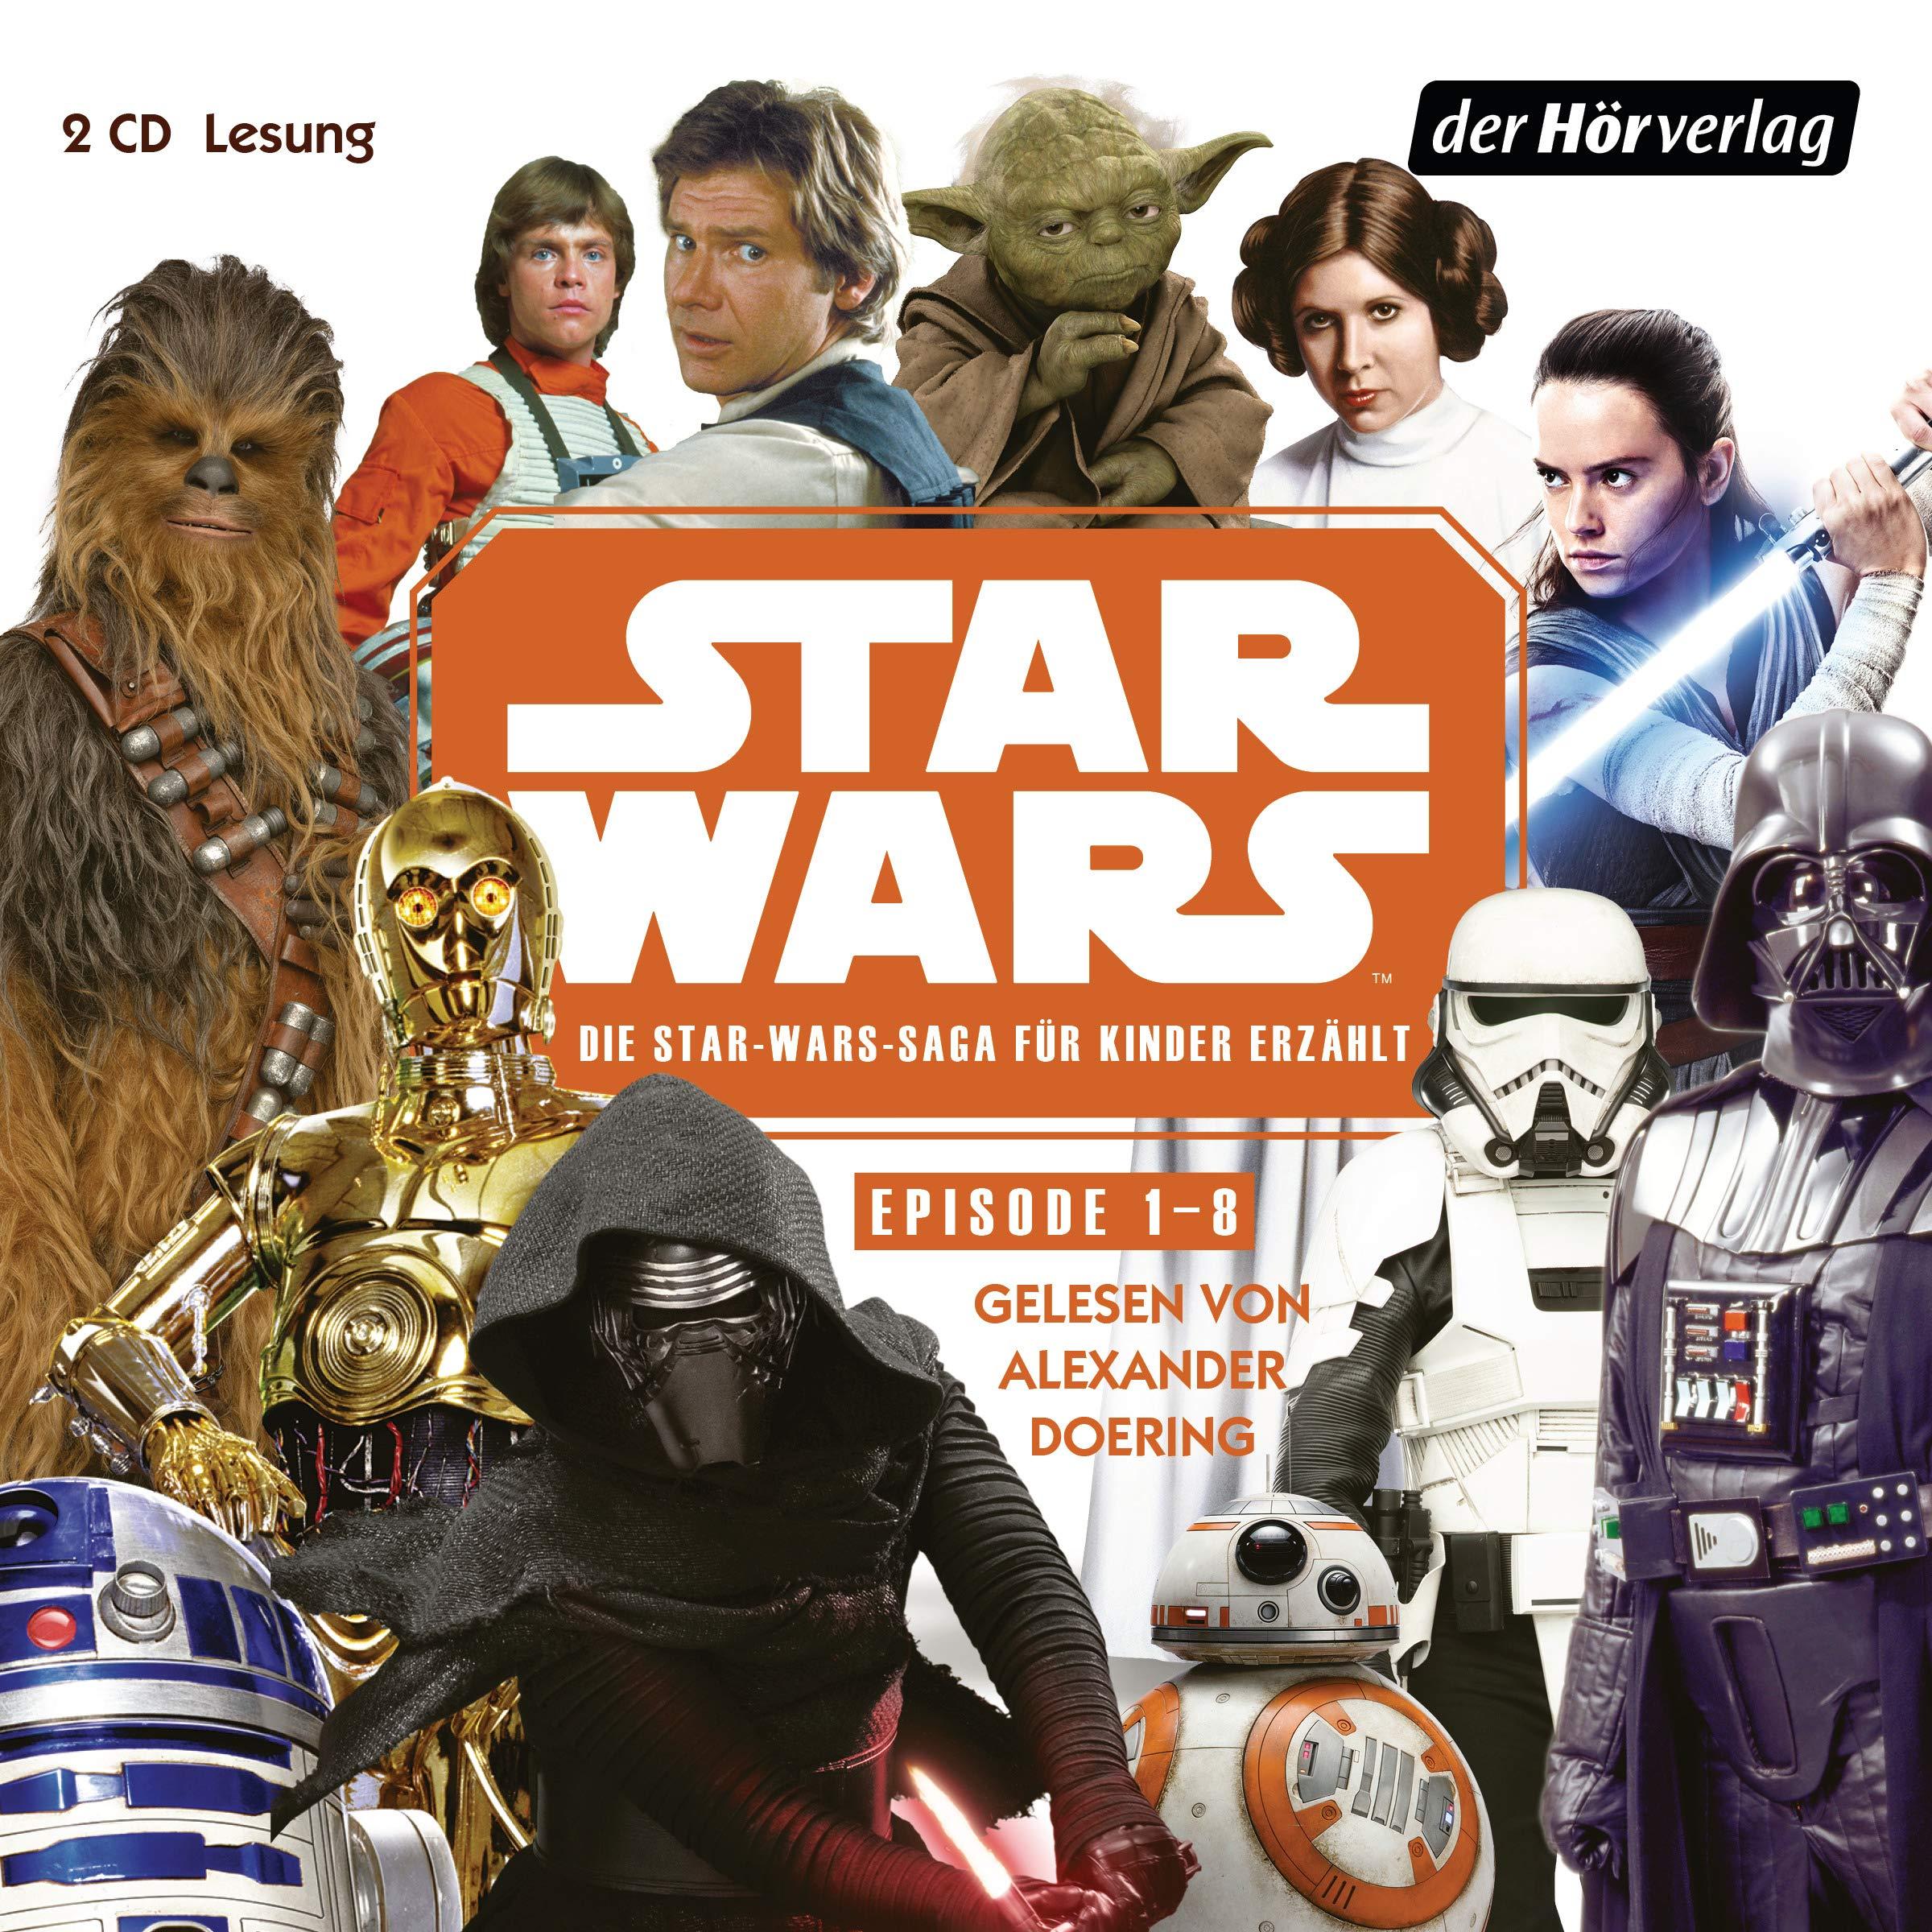 Star Wars Episode I-VIII - Die Star Wars-Saga für Kinder erzählt (11.11.2019)